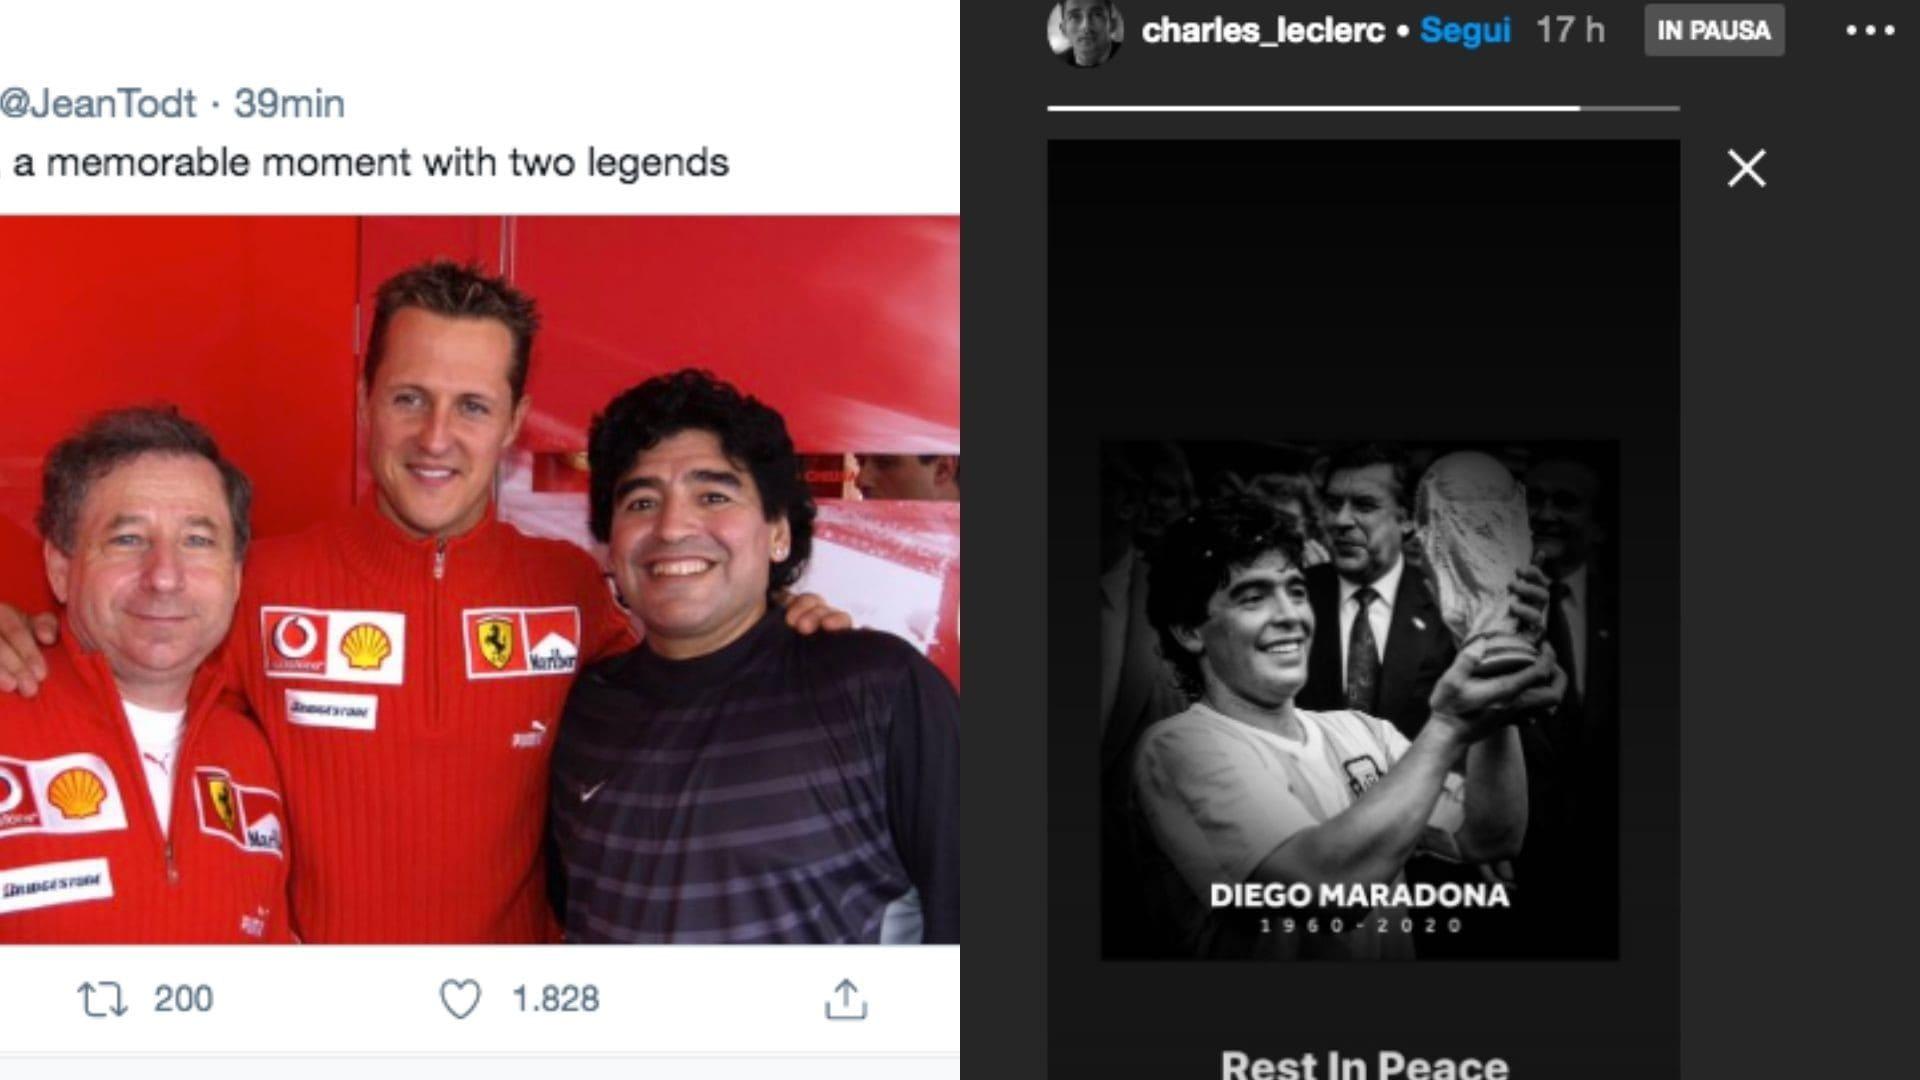 Addio Maradona: il saluto dei piloti di Formula 1 al Pibe de Oro